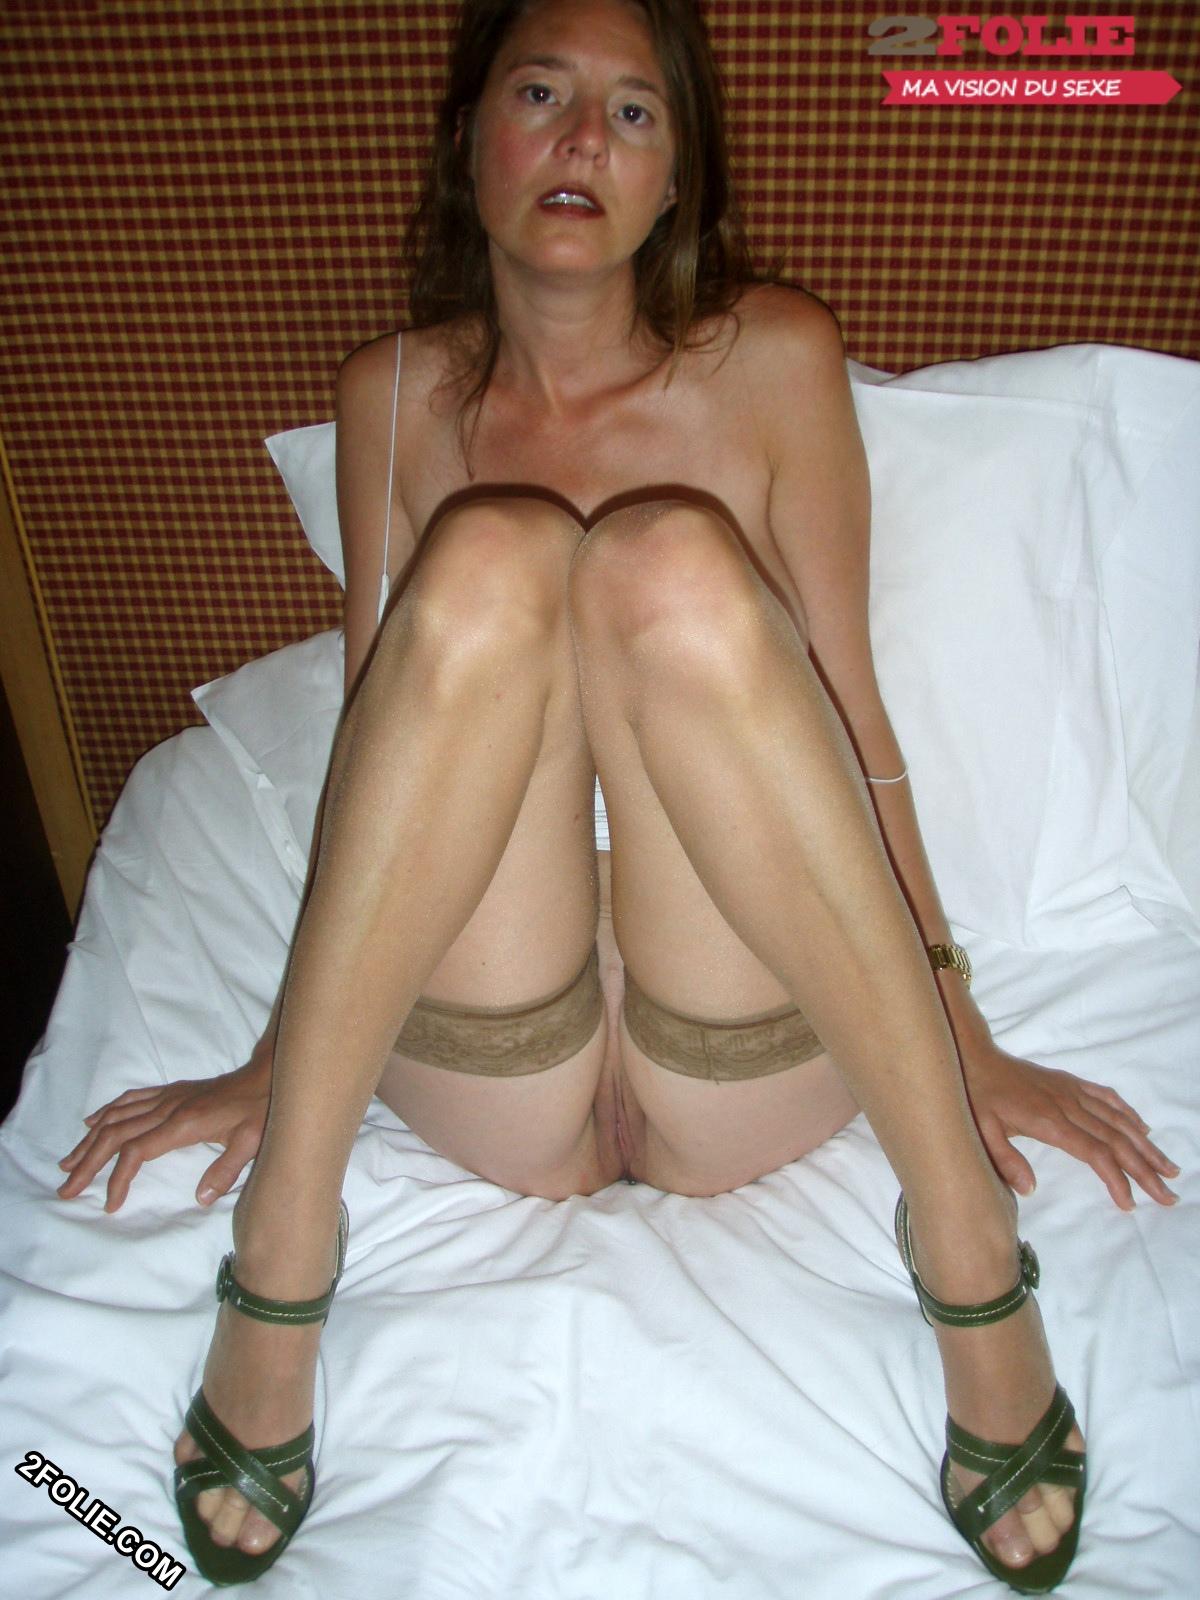 Chaudes vieilles filles nues